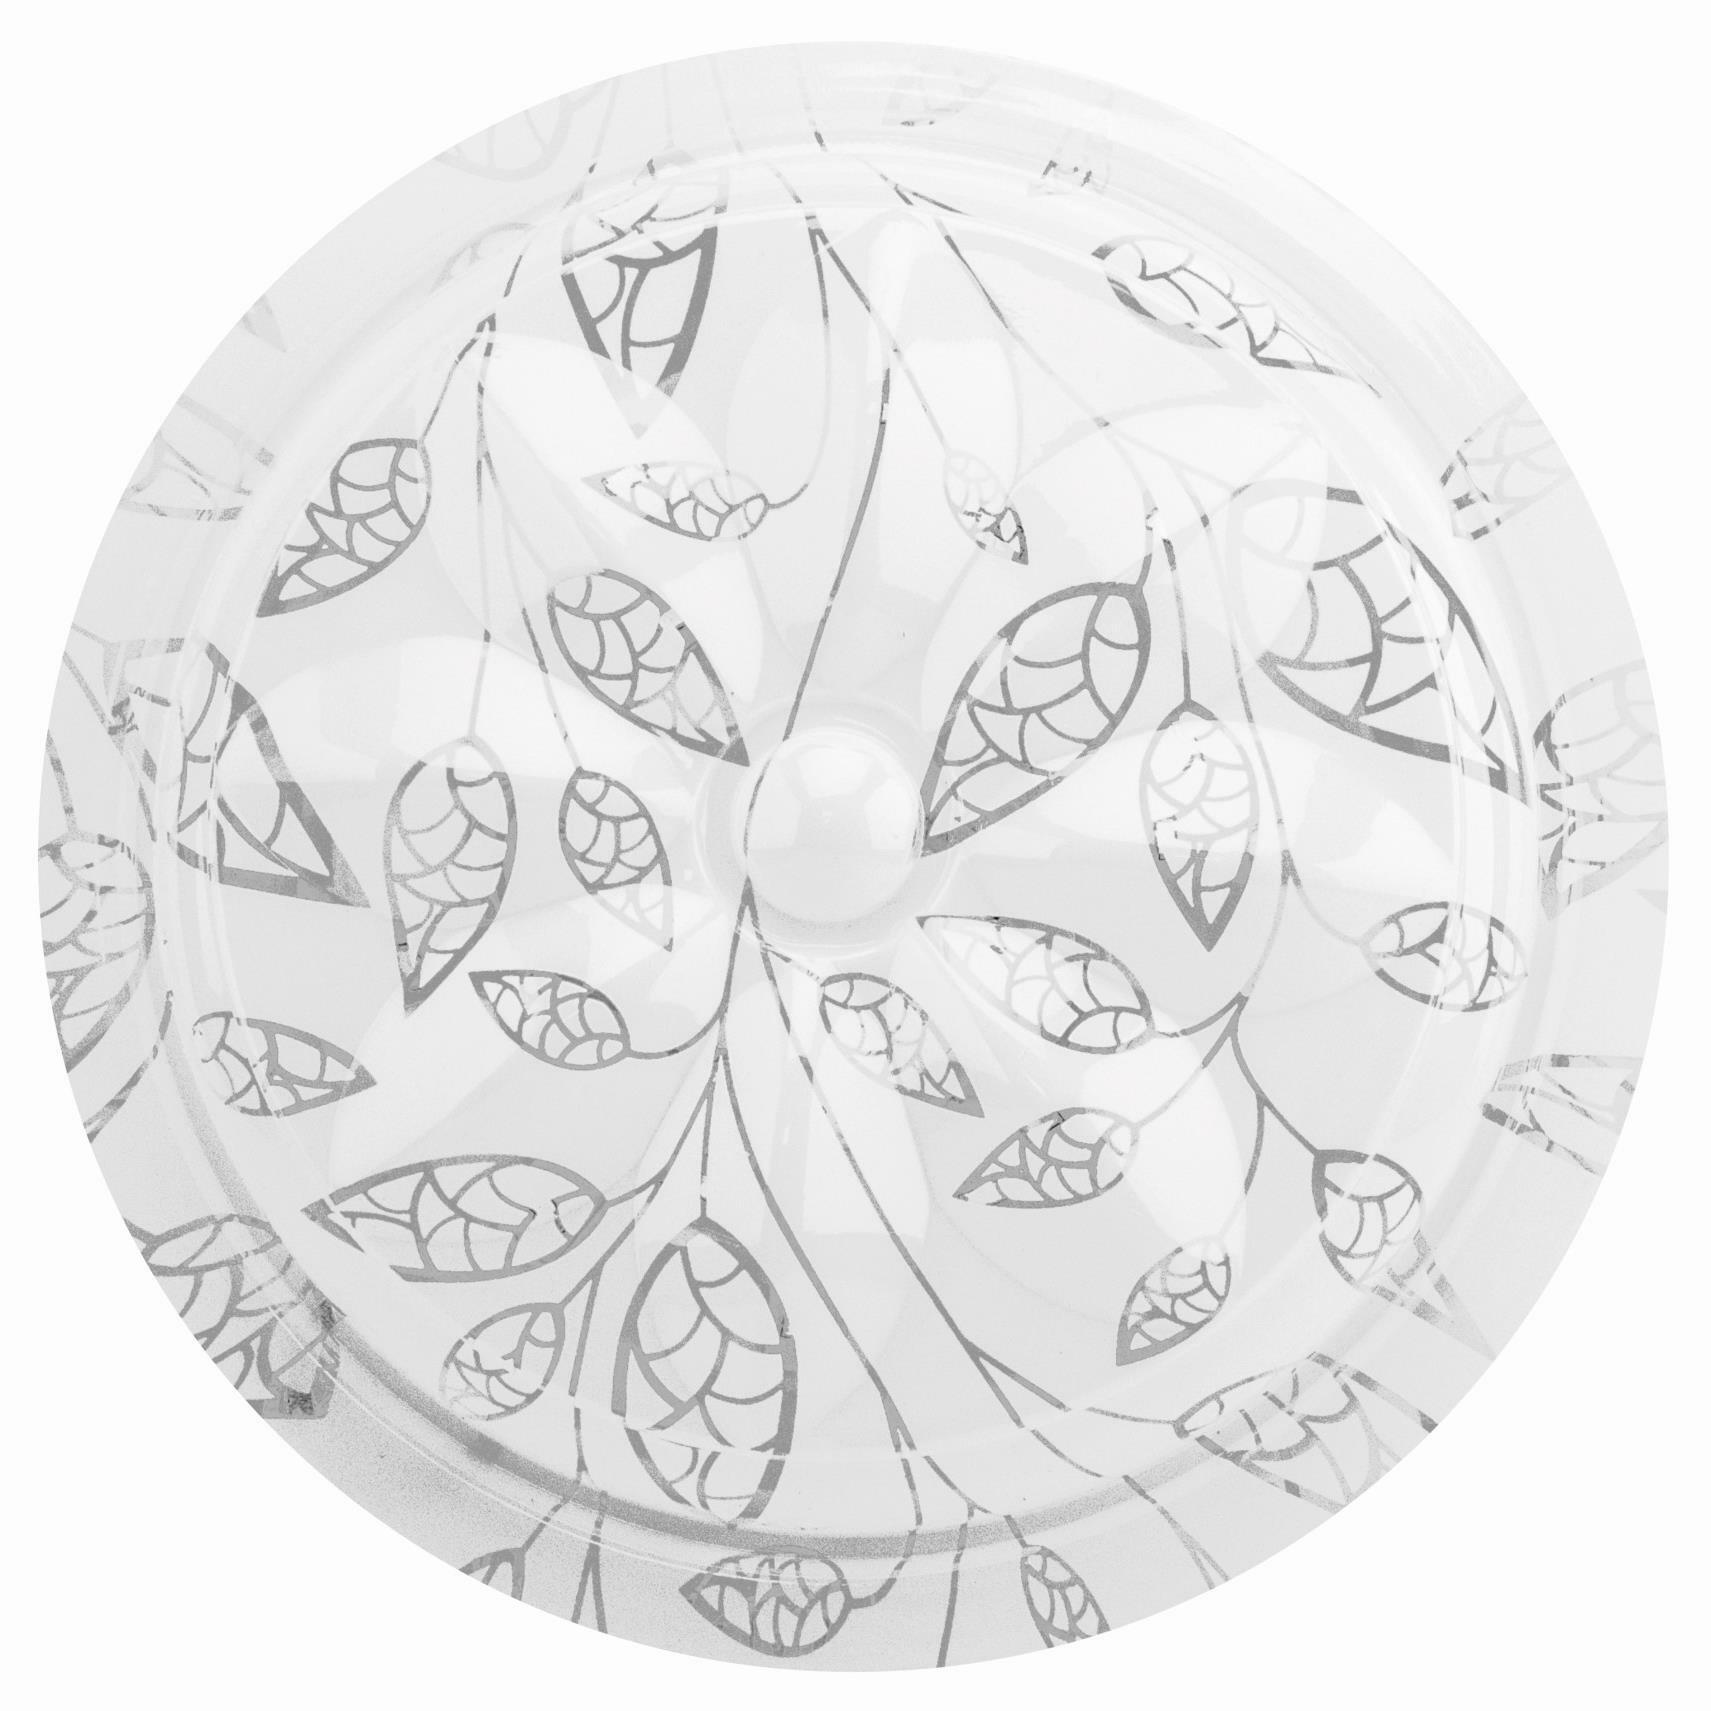 Светильник светодиодный Сюзи LEEK св-к св/д декоративный 30W(2100lm) 6000K 6K Сюзи d375x100мм IP22 СЛЛ 007/039